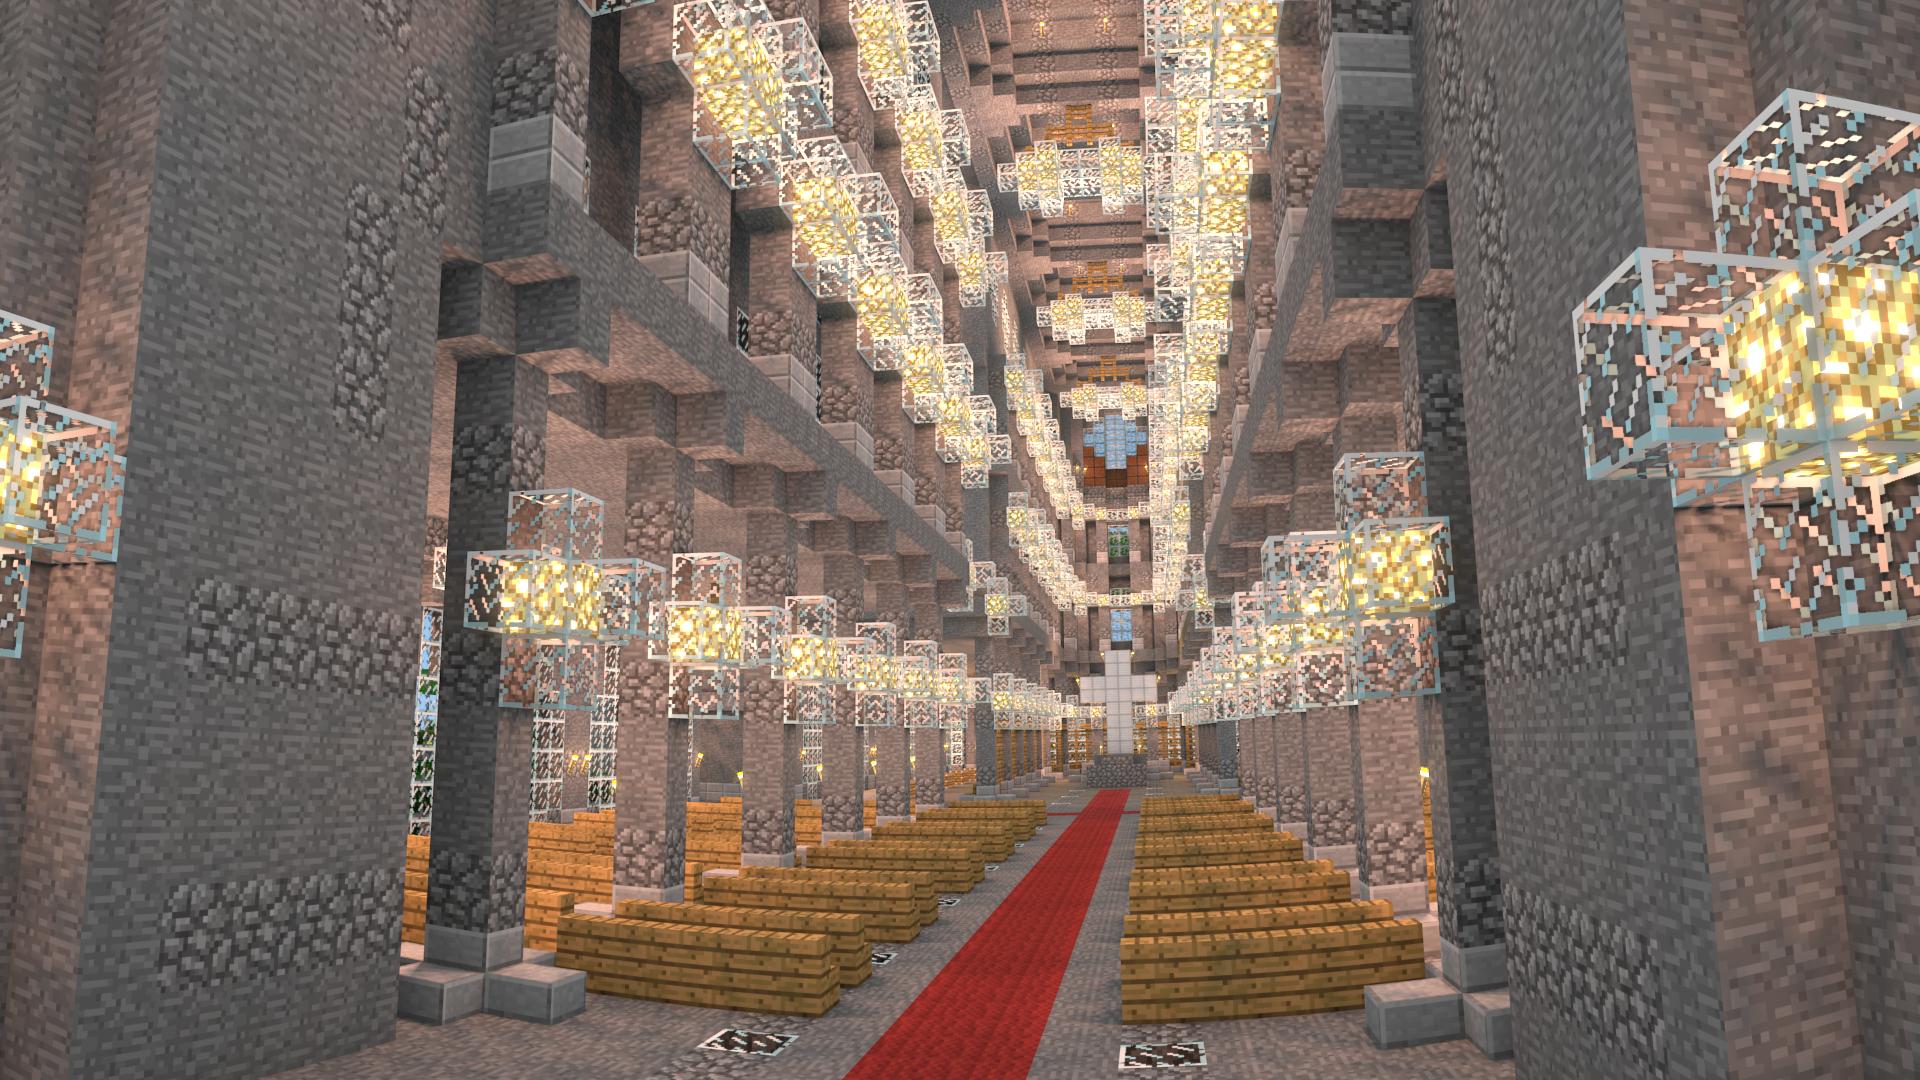 Minecraft Interior Lighting Intended Minecraft Cathedral Interior By Terraben On Deviantart